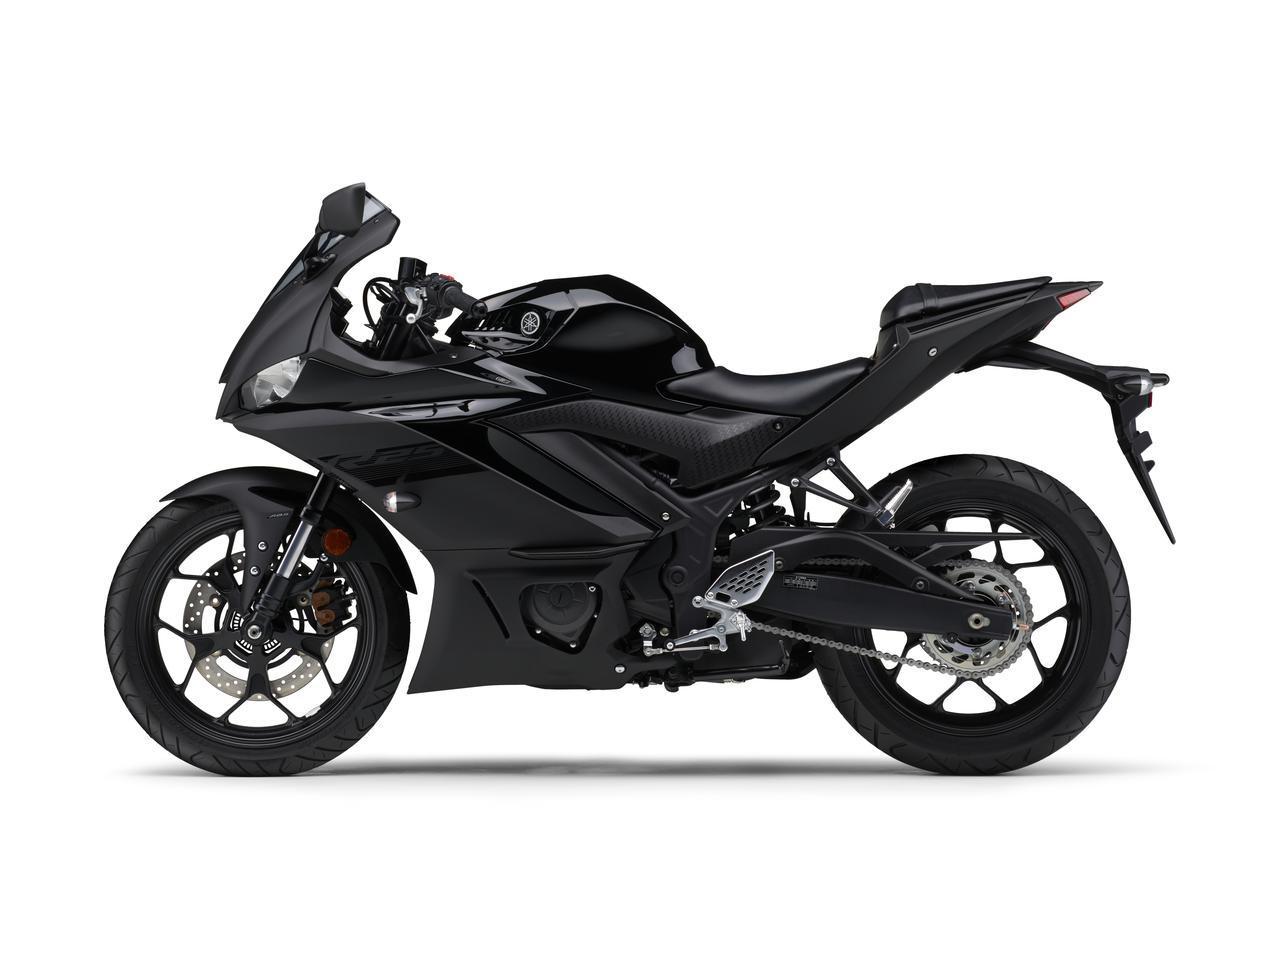 画像20: ヤマハ「YZF-R25/ABS」「YZF-R3 ABS」の2020年モデルが2月14日(金)発売! 3色展開で、すべてニューカラー!